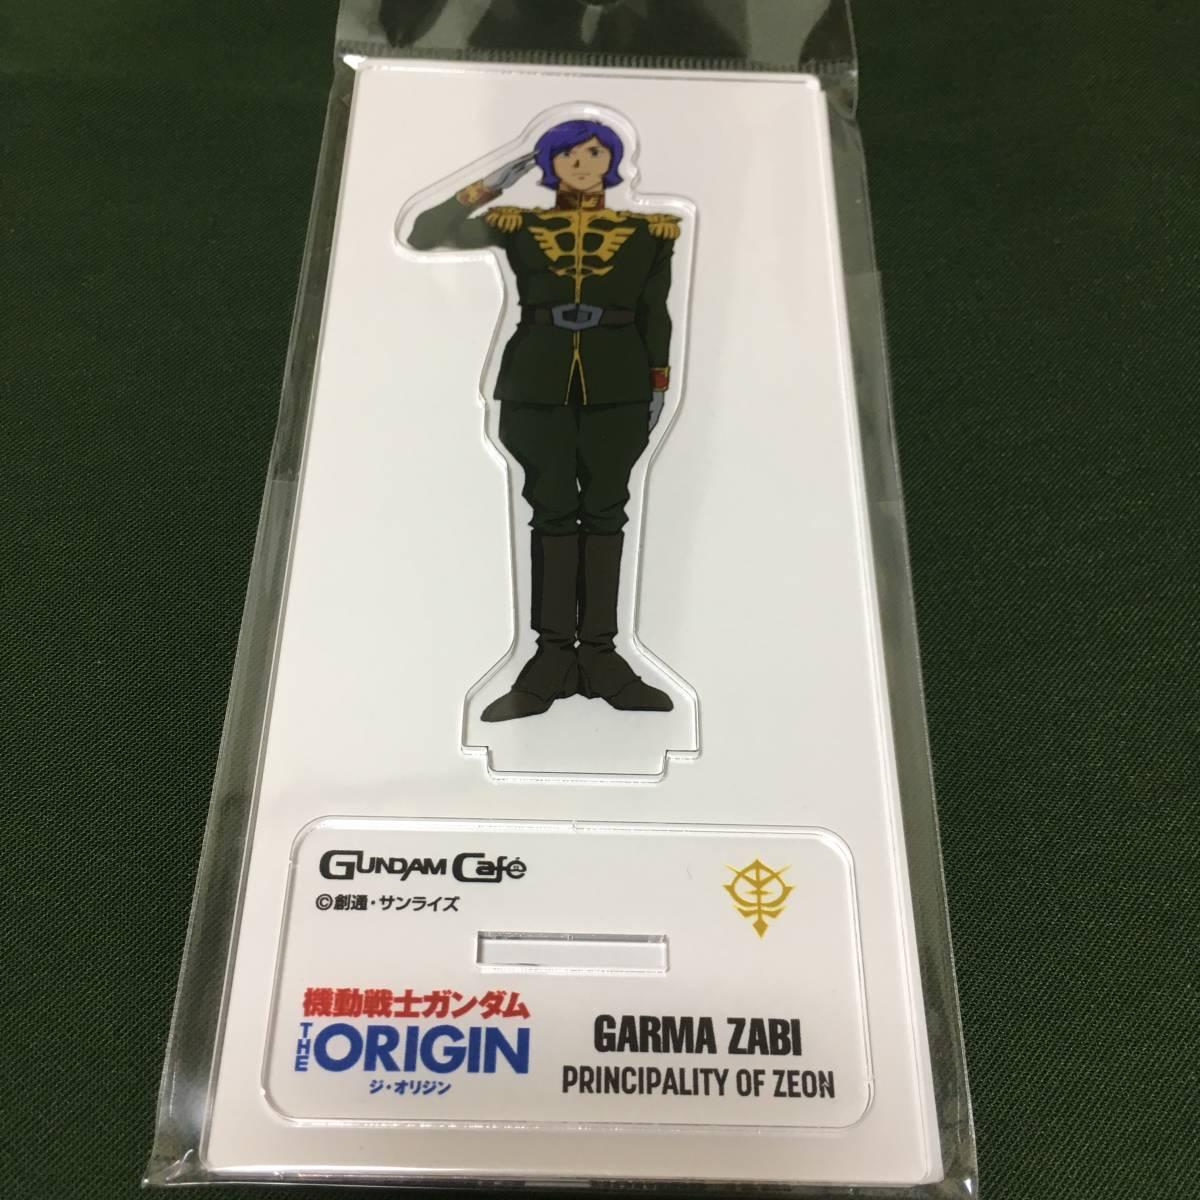 送料無料・ガンダム カフェ Gundam Cafe 機動戦士ガンダム THE ORIGIN ガルマ・ザビ アクリルスタンド 新品未開封品_画像1